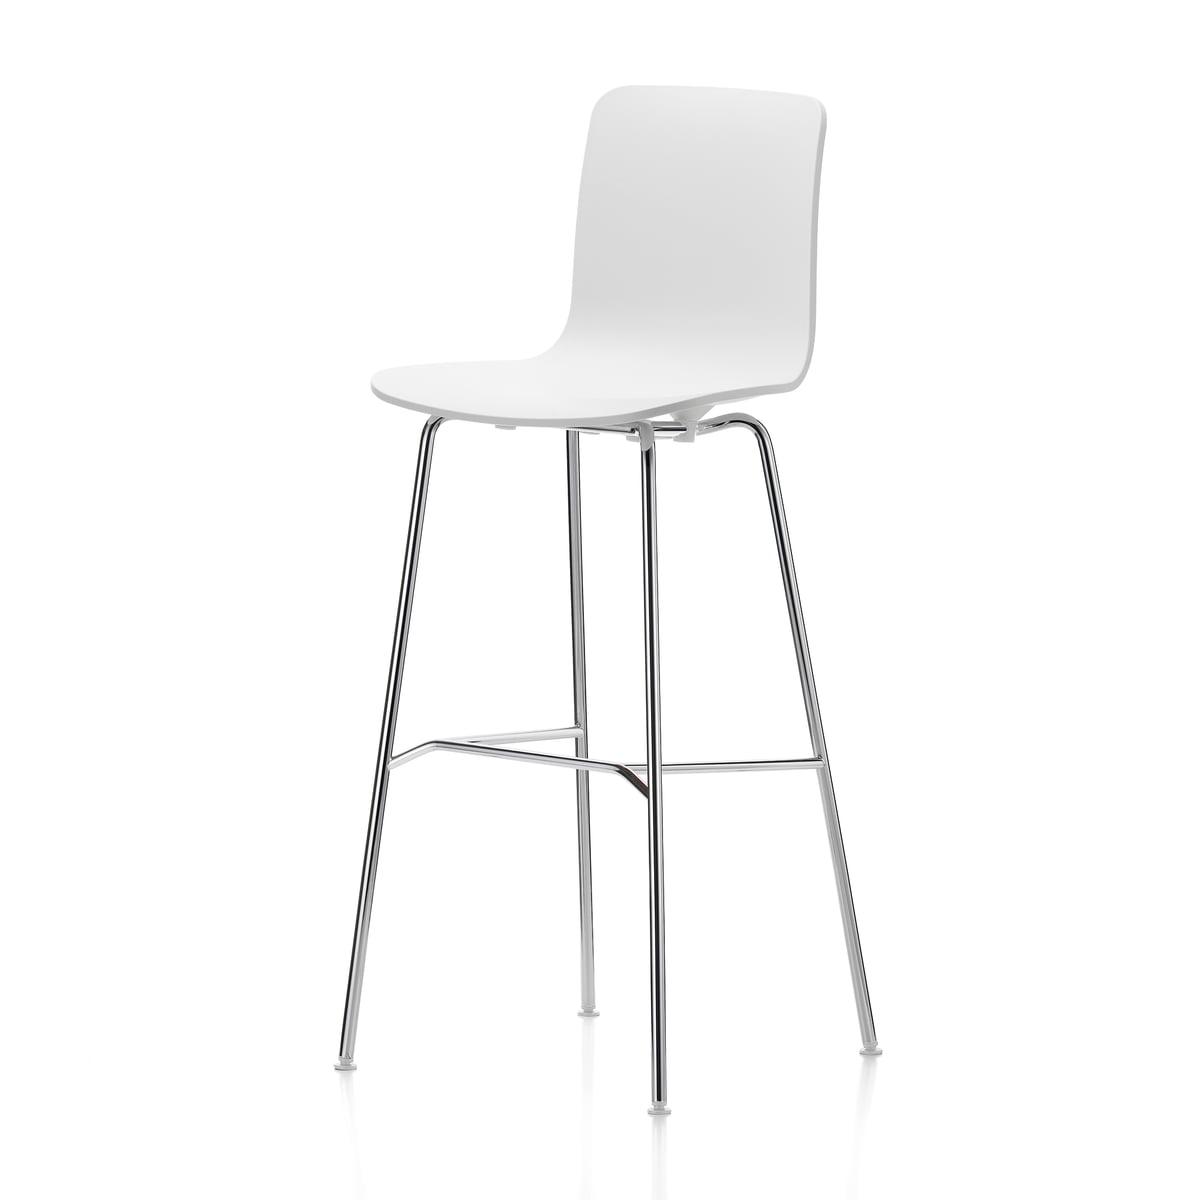 Vitra - Hal Barhocker, hoch, weiß / chrom / Kunststoffgleiter   Küche und Esszimmer > Bar-Möbel   Vitra